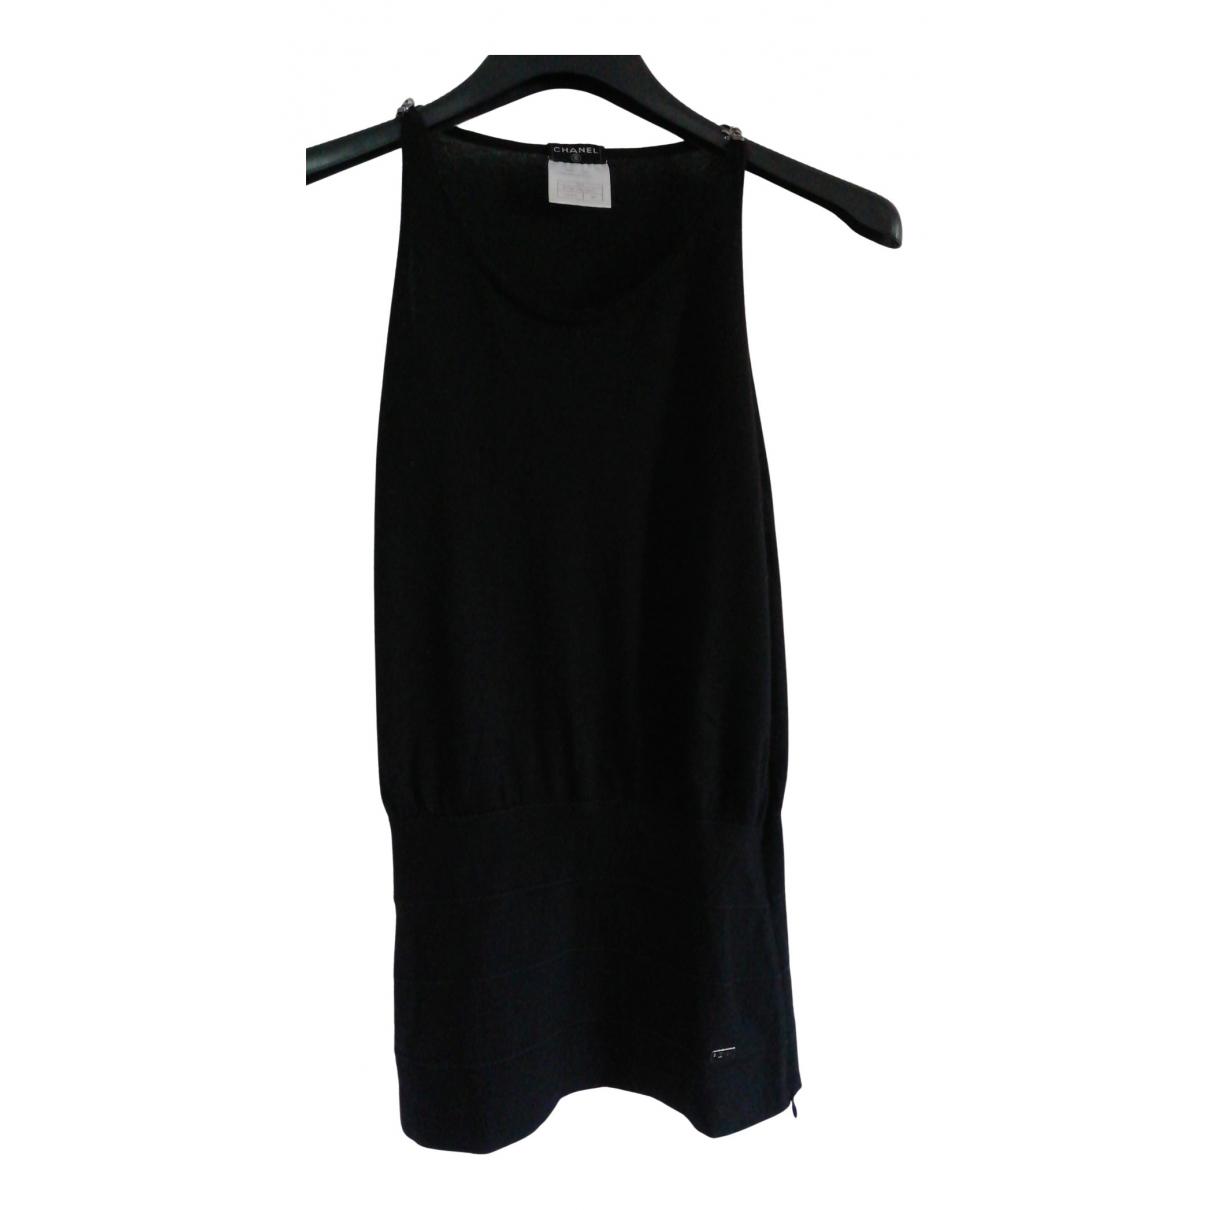 Chanel - Top   pour femme en cachemire - noir